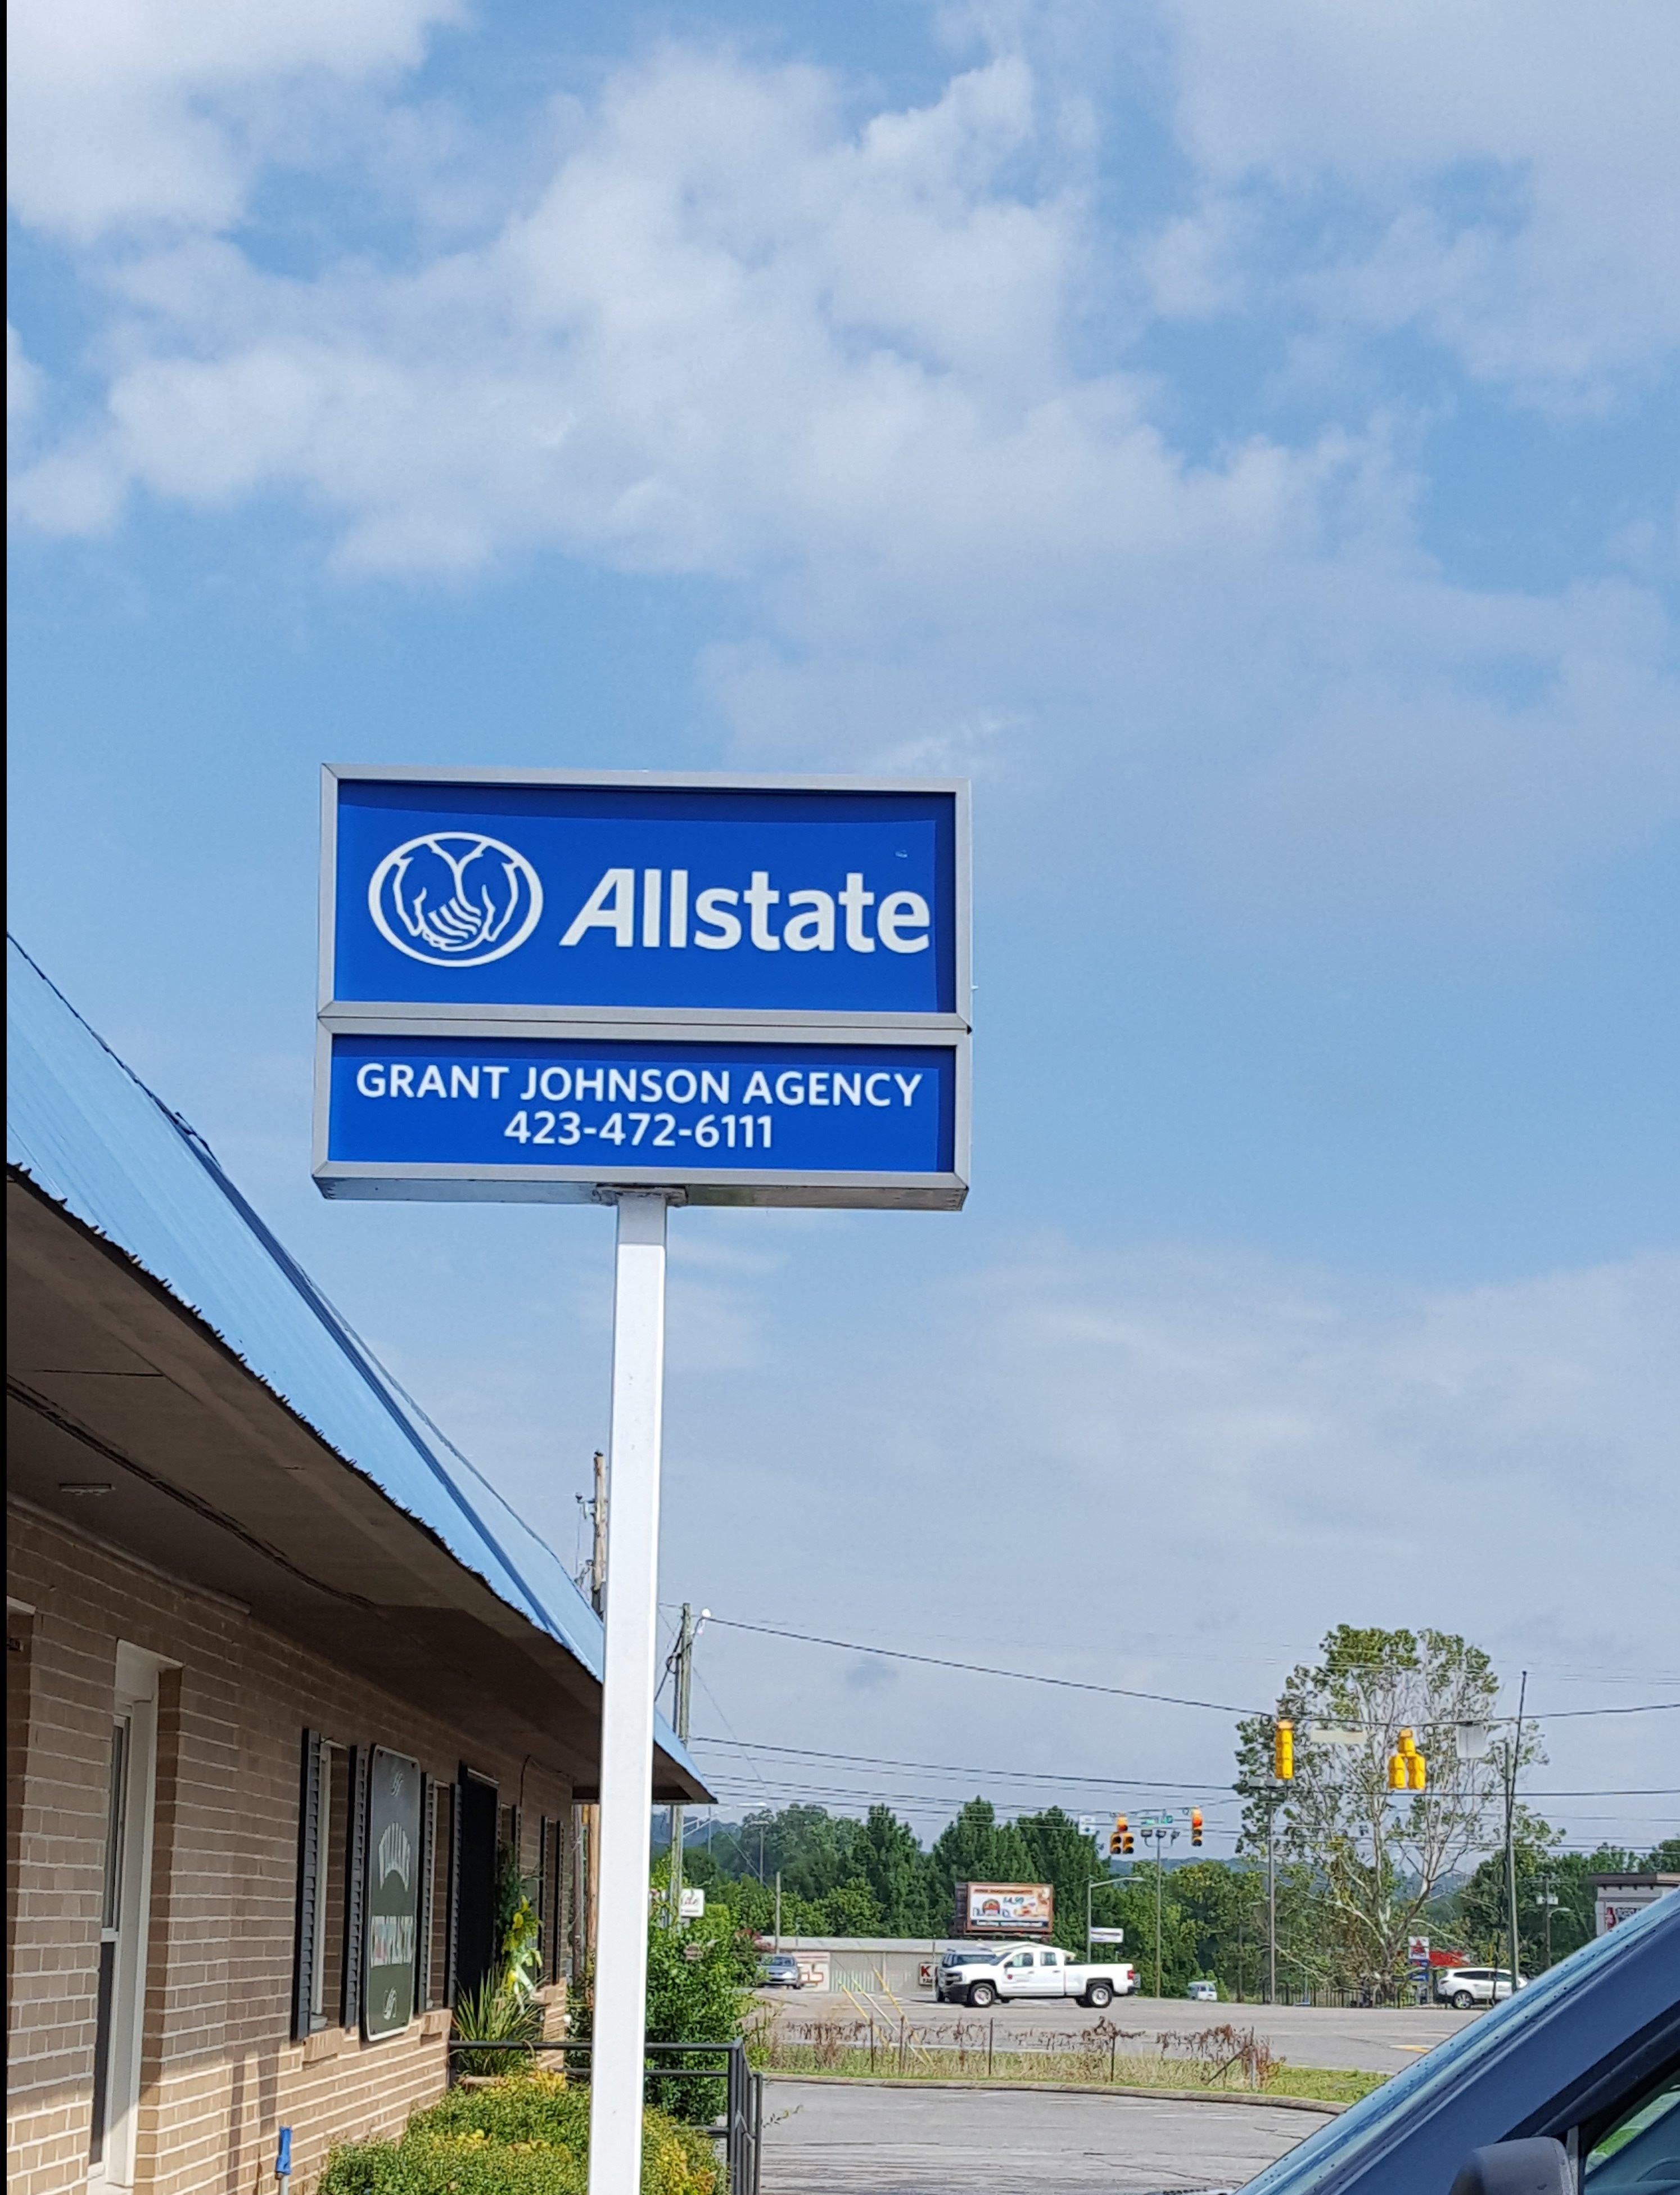 Grant Johnson: Allstate Insurance image 1